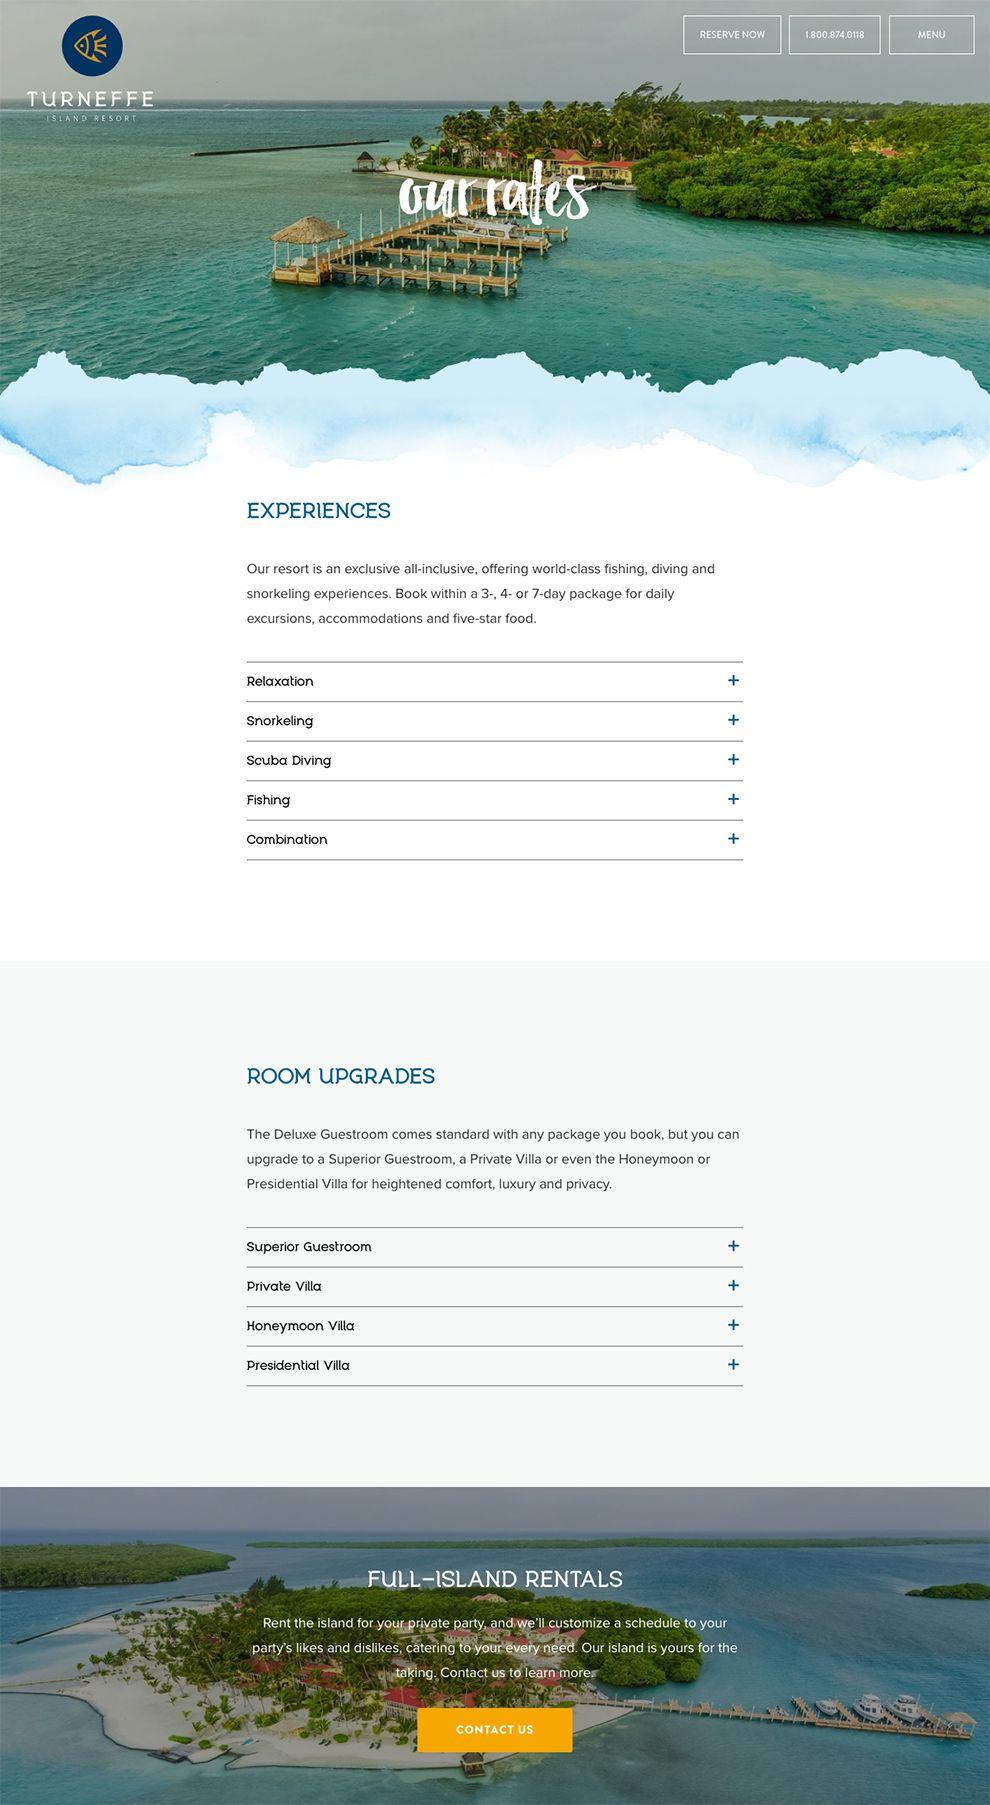 Turneffe Island Resort Beautiful Product Page